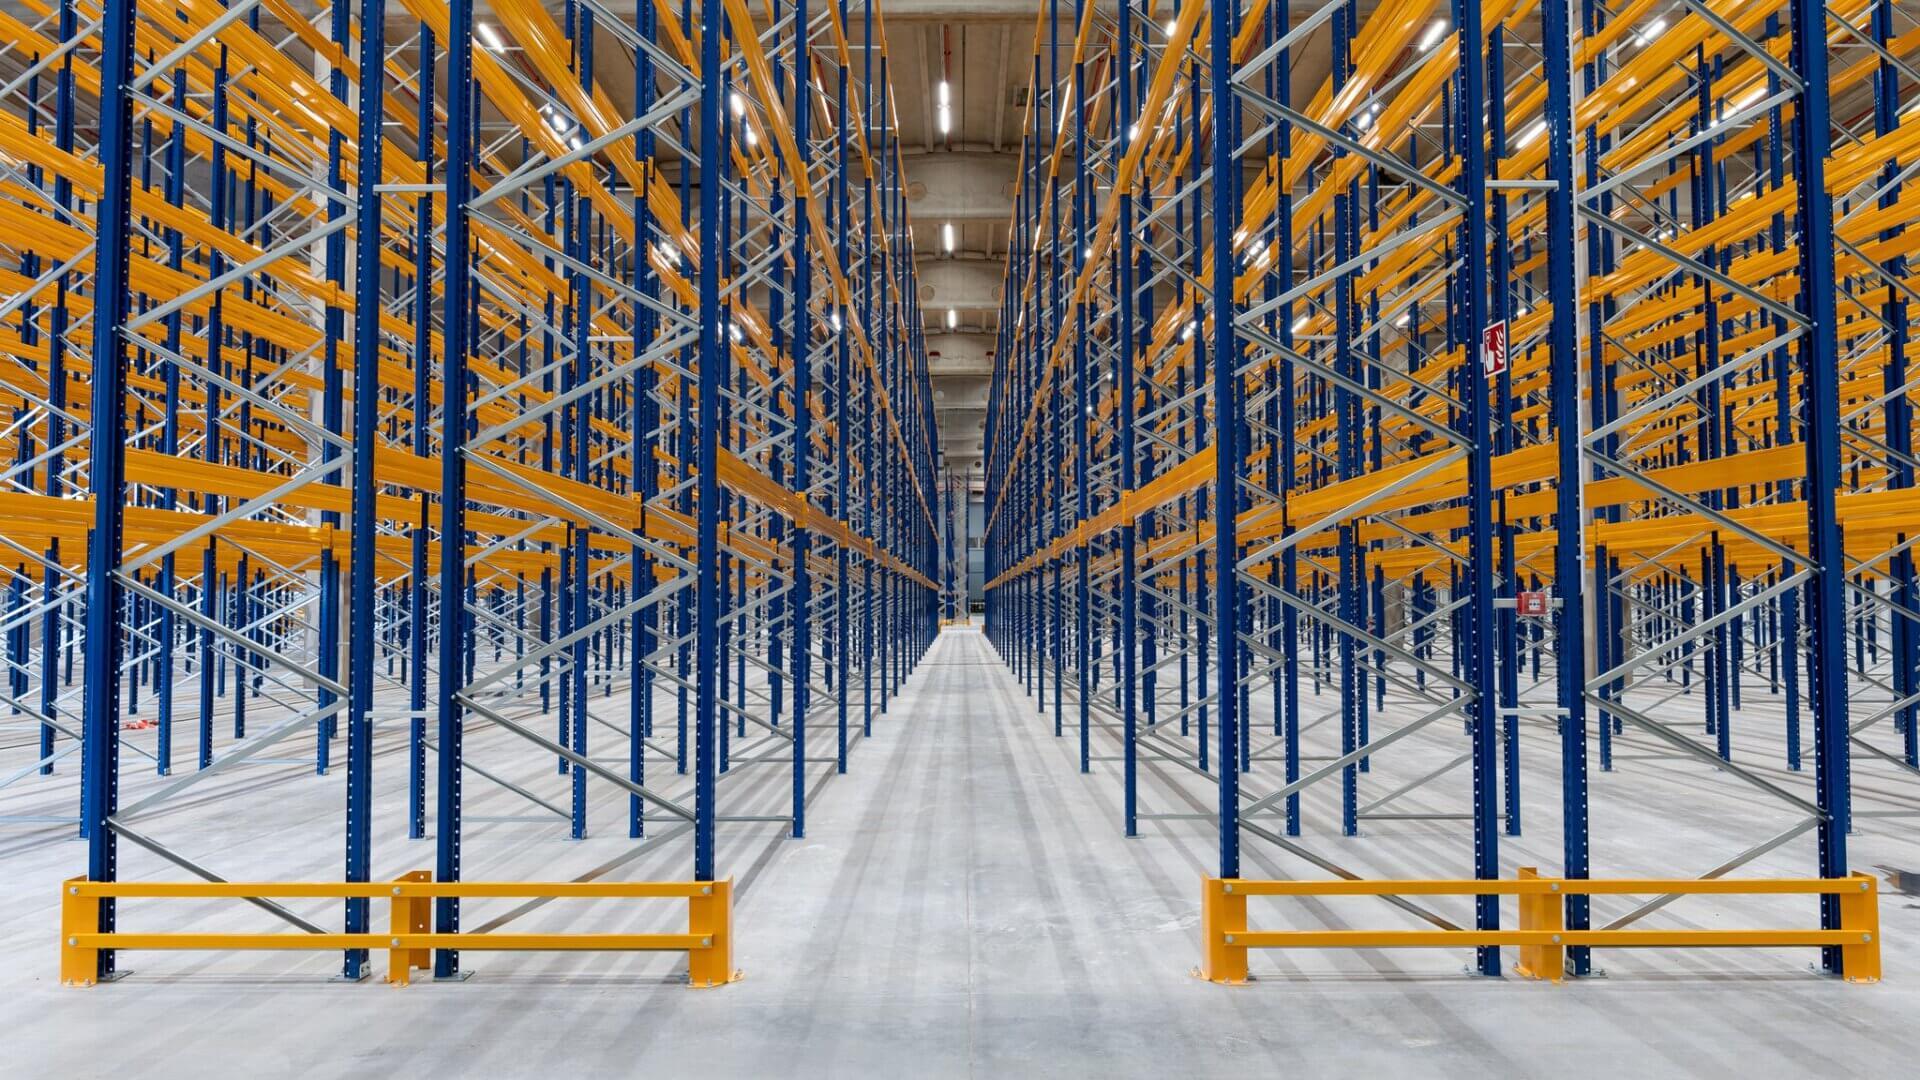 Tammer Brands valitsi Meijoun toteuttamaan logistiikkakeskuksen laajennuksen 12